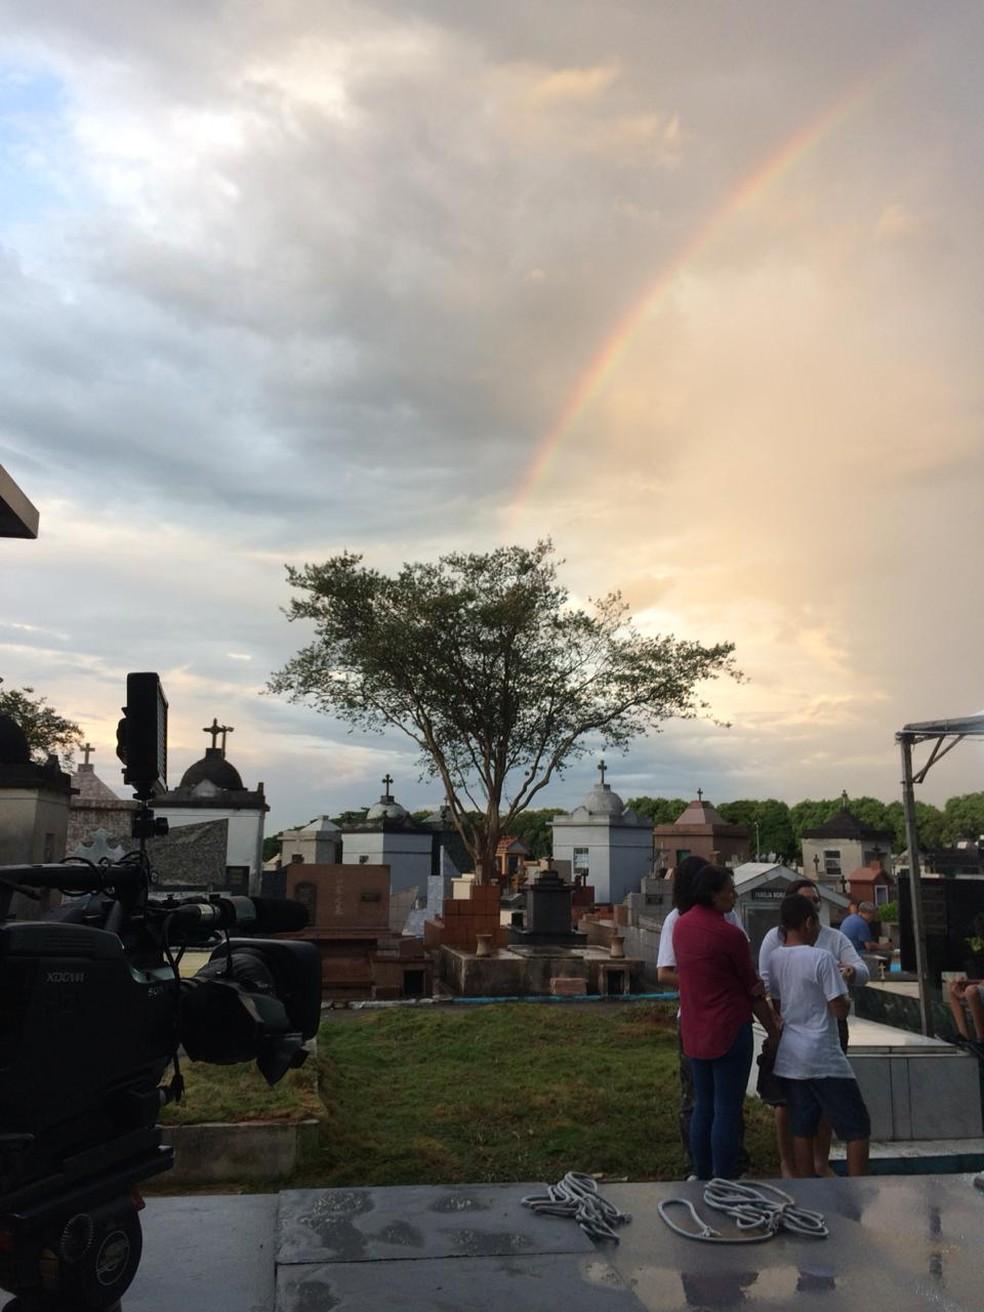 Depois da chuva, um arco-íris marcou o céu sobre o cemitério em Suzano, onde os corpos de cinco vítimas são enterrados nesta quinta (14). — Foto: Philipe Guedes/TV Globo